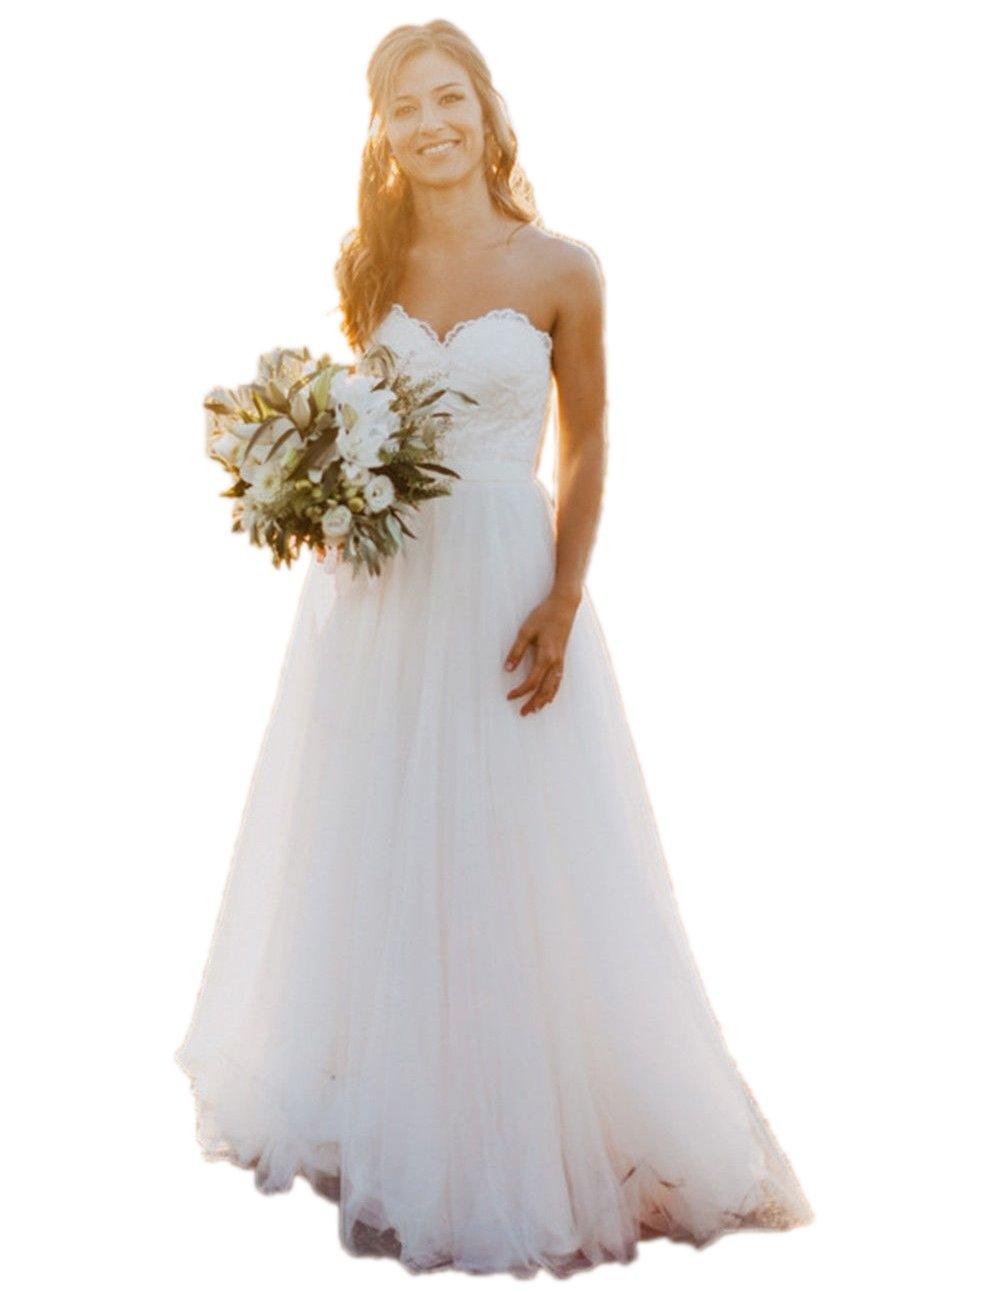 Libaosha DRESS レディース B075G8C5DM 14|ホワイト ホワイト 14